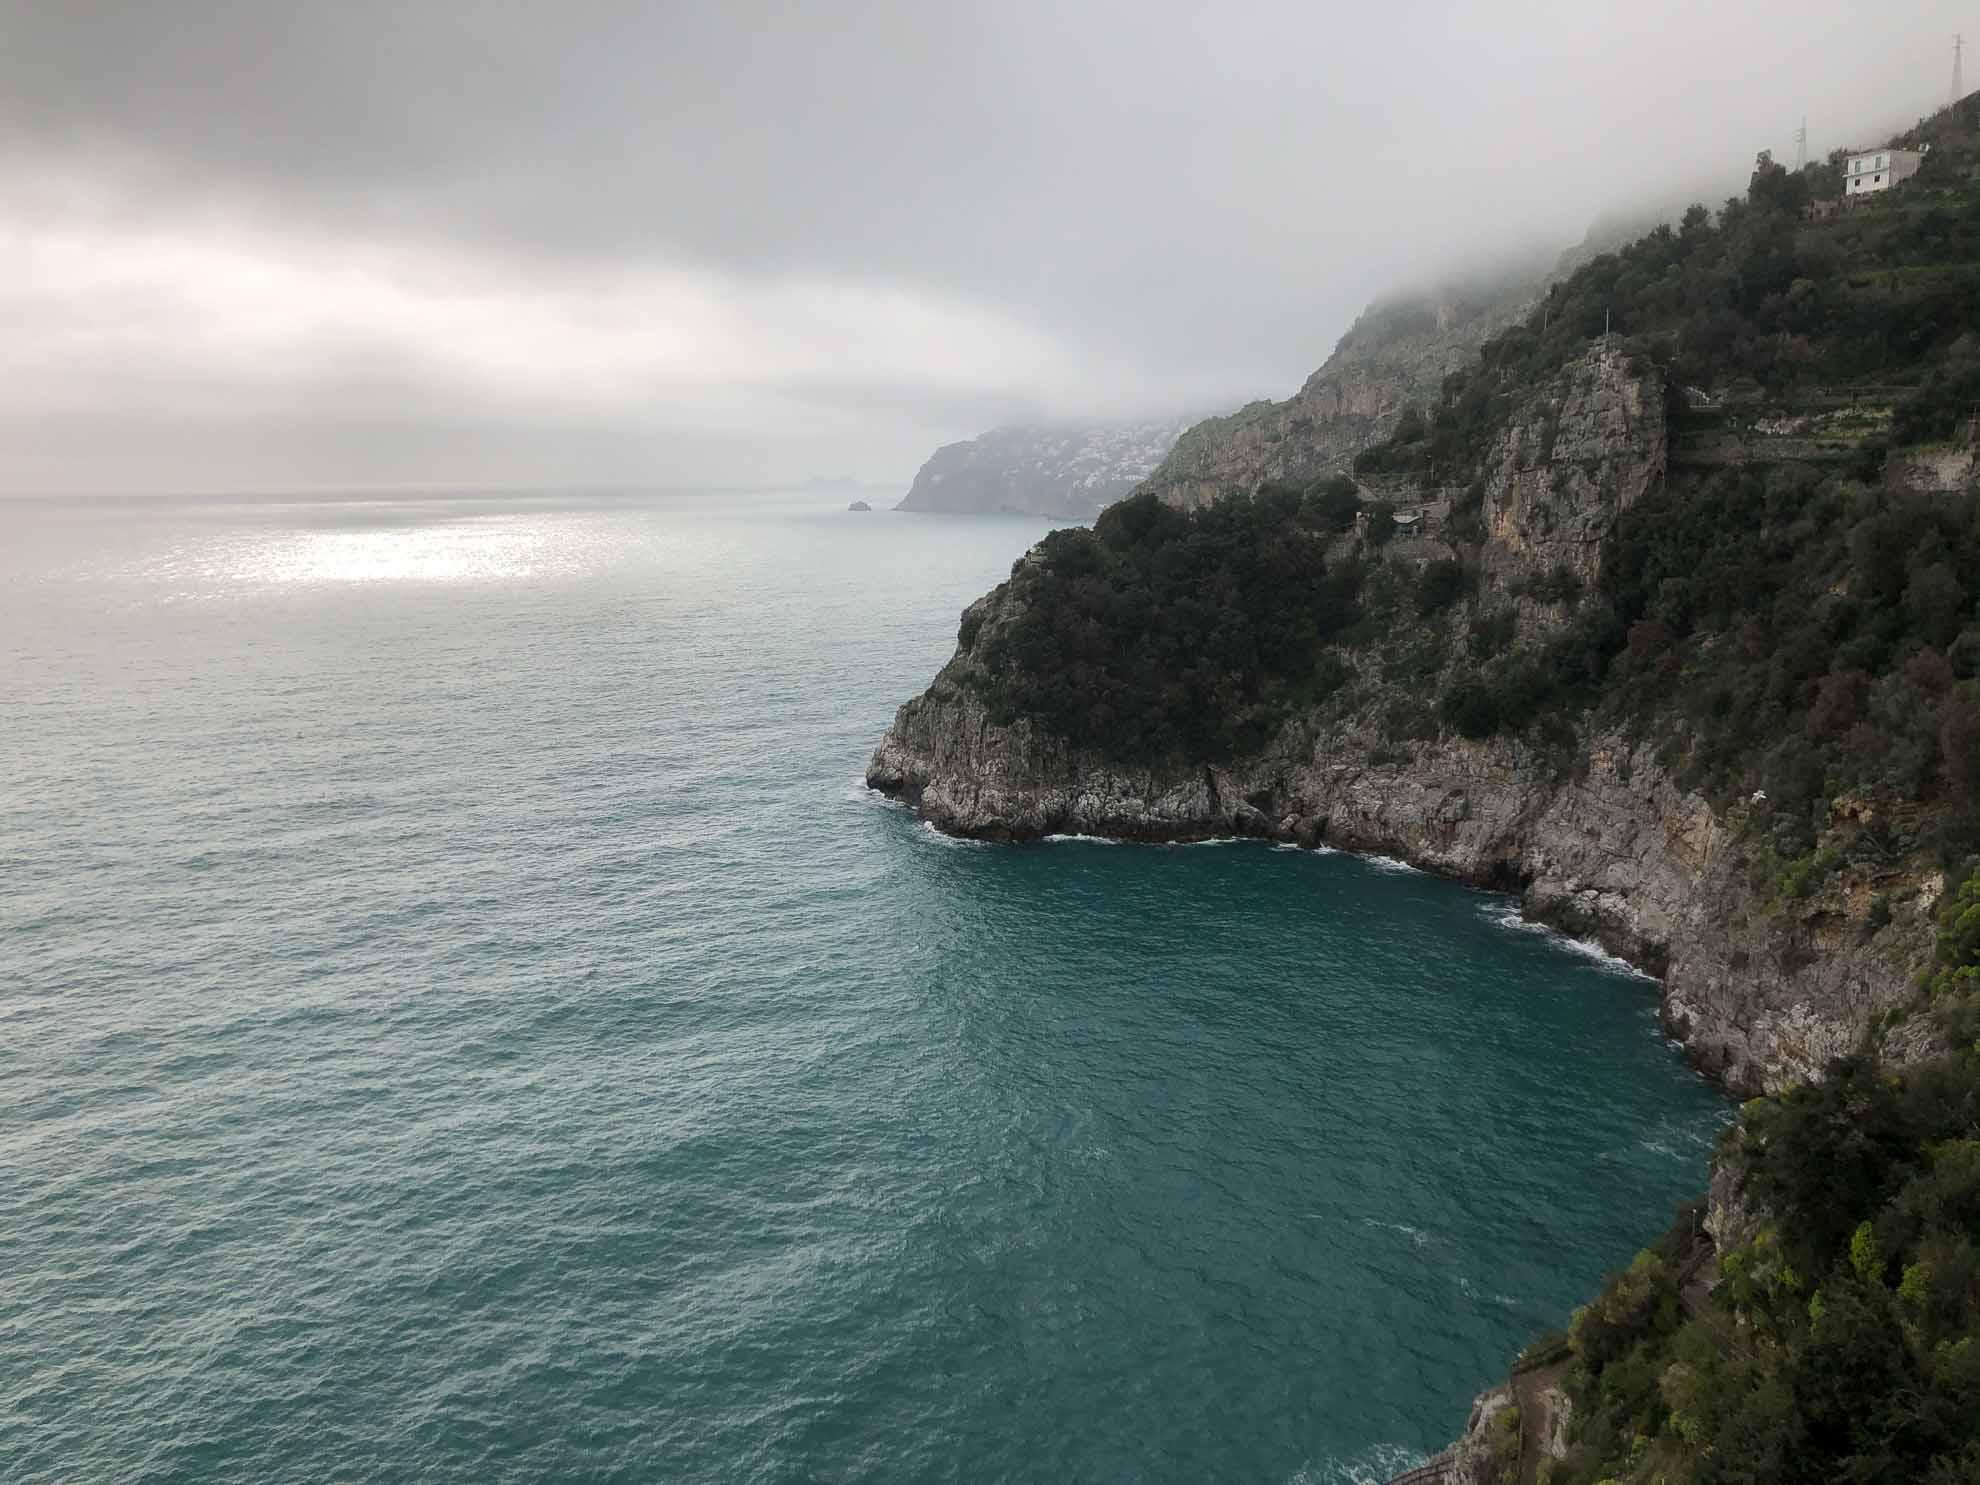 50 km schlängelt sich die Küstenstraße entlang der Amalfiküste und bietet hinter fast jeder Kurve eine neue traumhafte Aussicht.